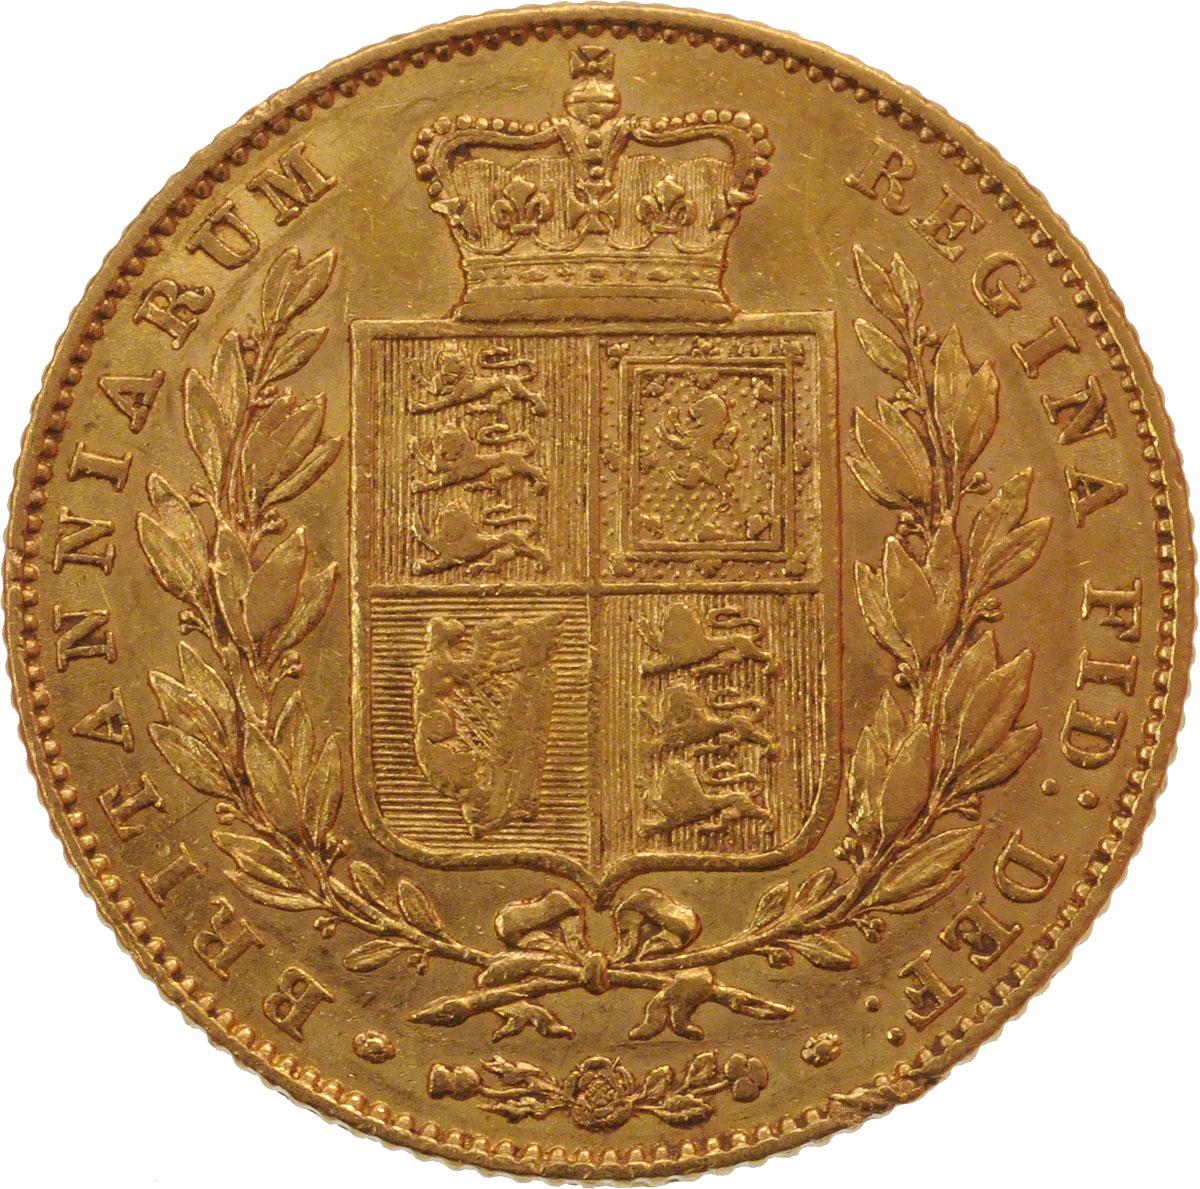 1838 Βικτώρια